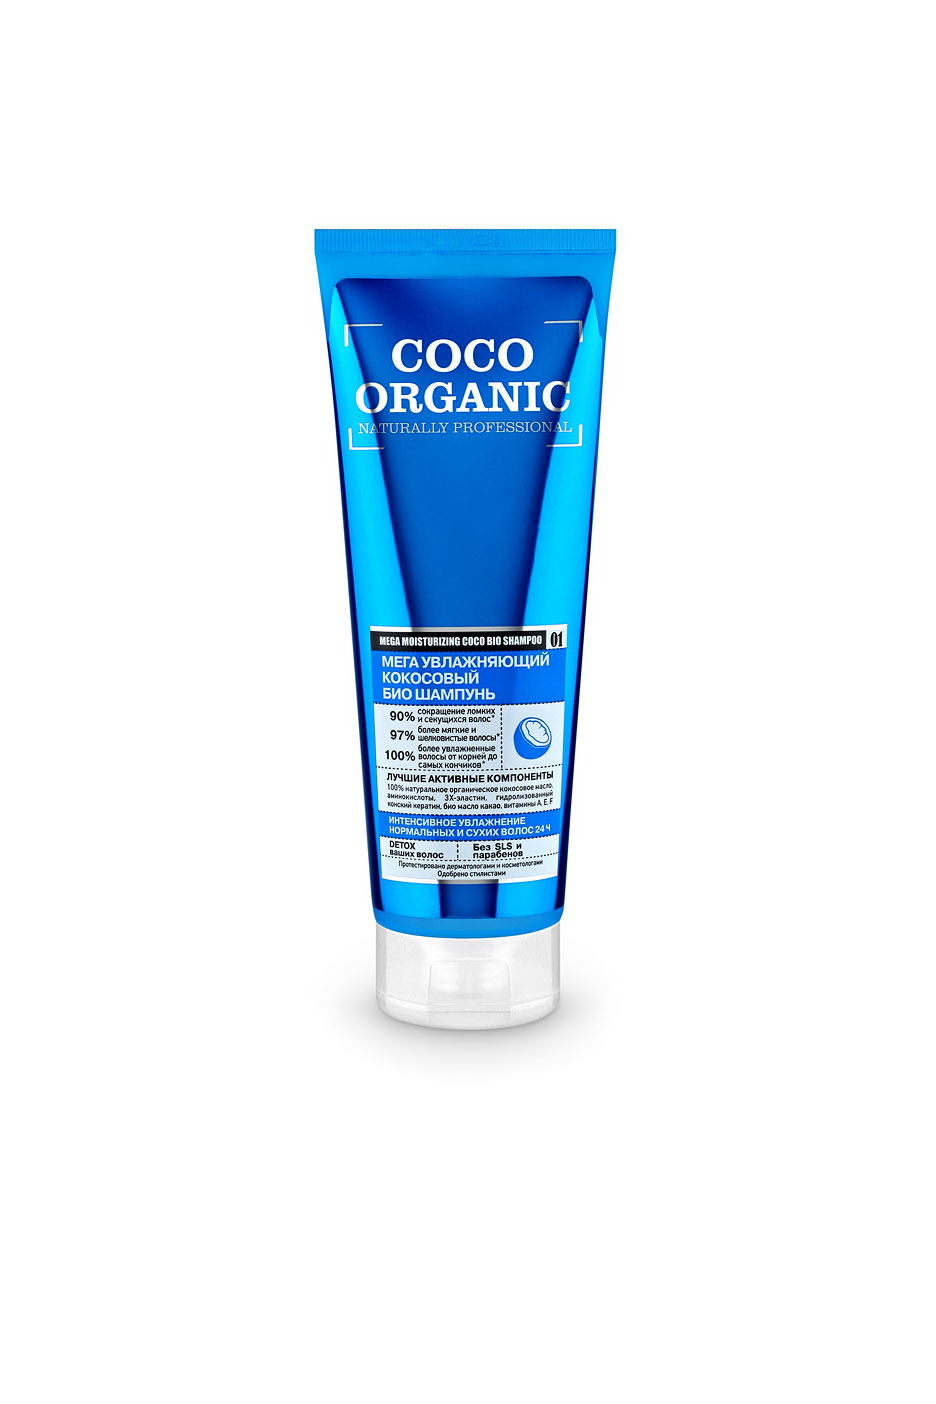 Оrganic Shop Naturally professional Шампунь для волос Мега увлажняющий, кокосовый, 250 мл0861-1-4042100% натуральное органическое кокосовое масло и био масло какао интенсивно увлажняют, не утяжеляя волосы, наполняя их жизненной энергией. Гидролизованный конский кератин удерживает влагу глубоко в структуре волос, защищает их от термо и УФ воздействий. Аминокислоты укрепляют ослабленные корни, делают волосы более здоровыми. 3Х-эластин выравнивает поверхность волос, предотвращая ломкость и сечение, делает волосы гладкими и эластичными по всей длине.